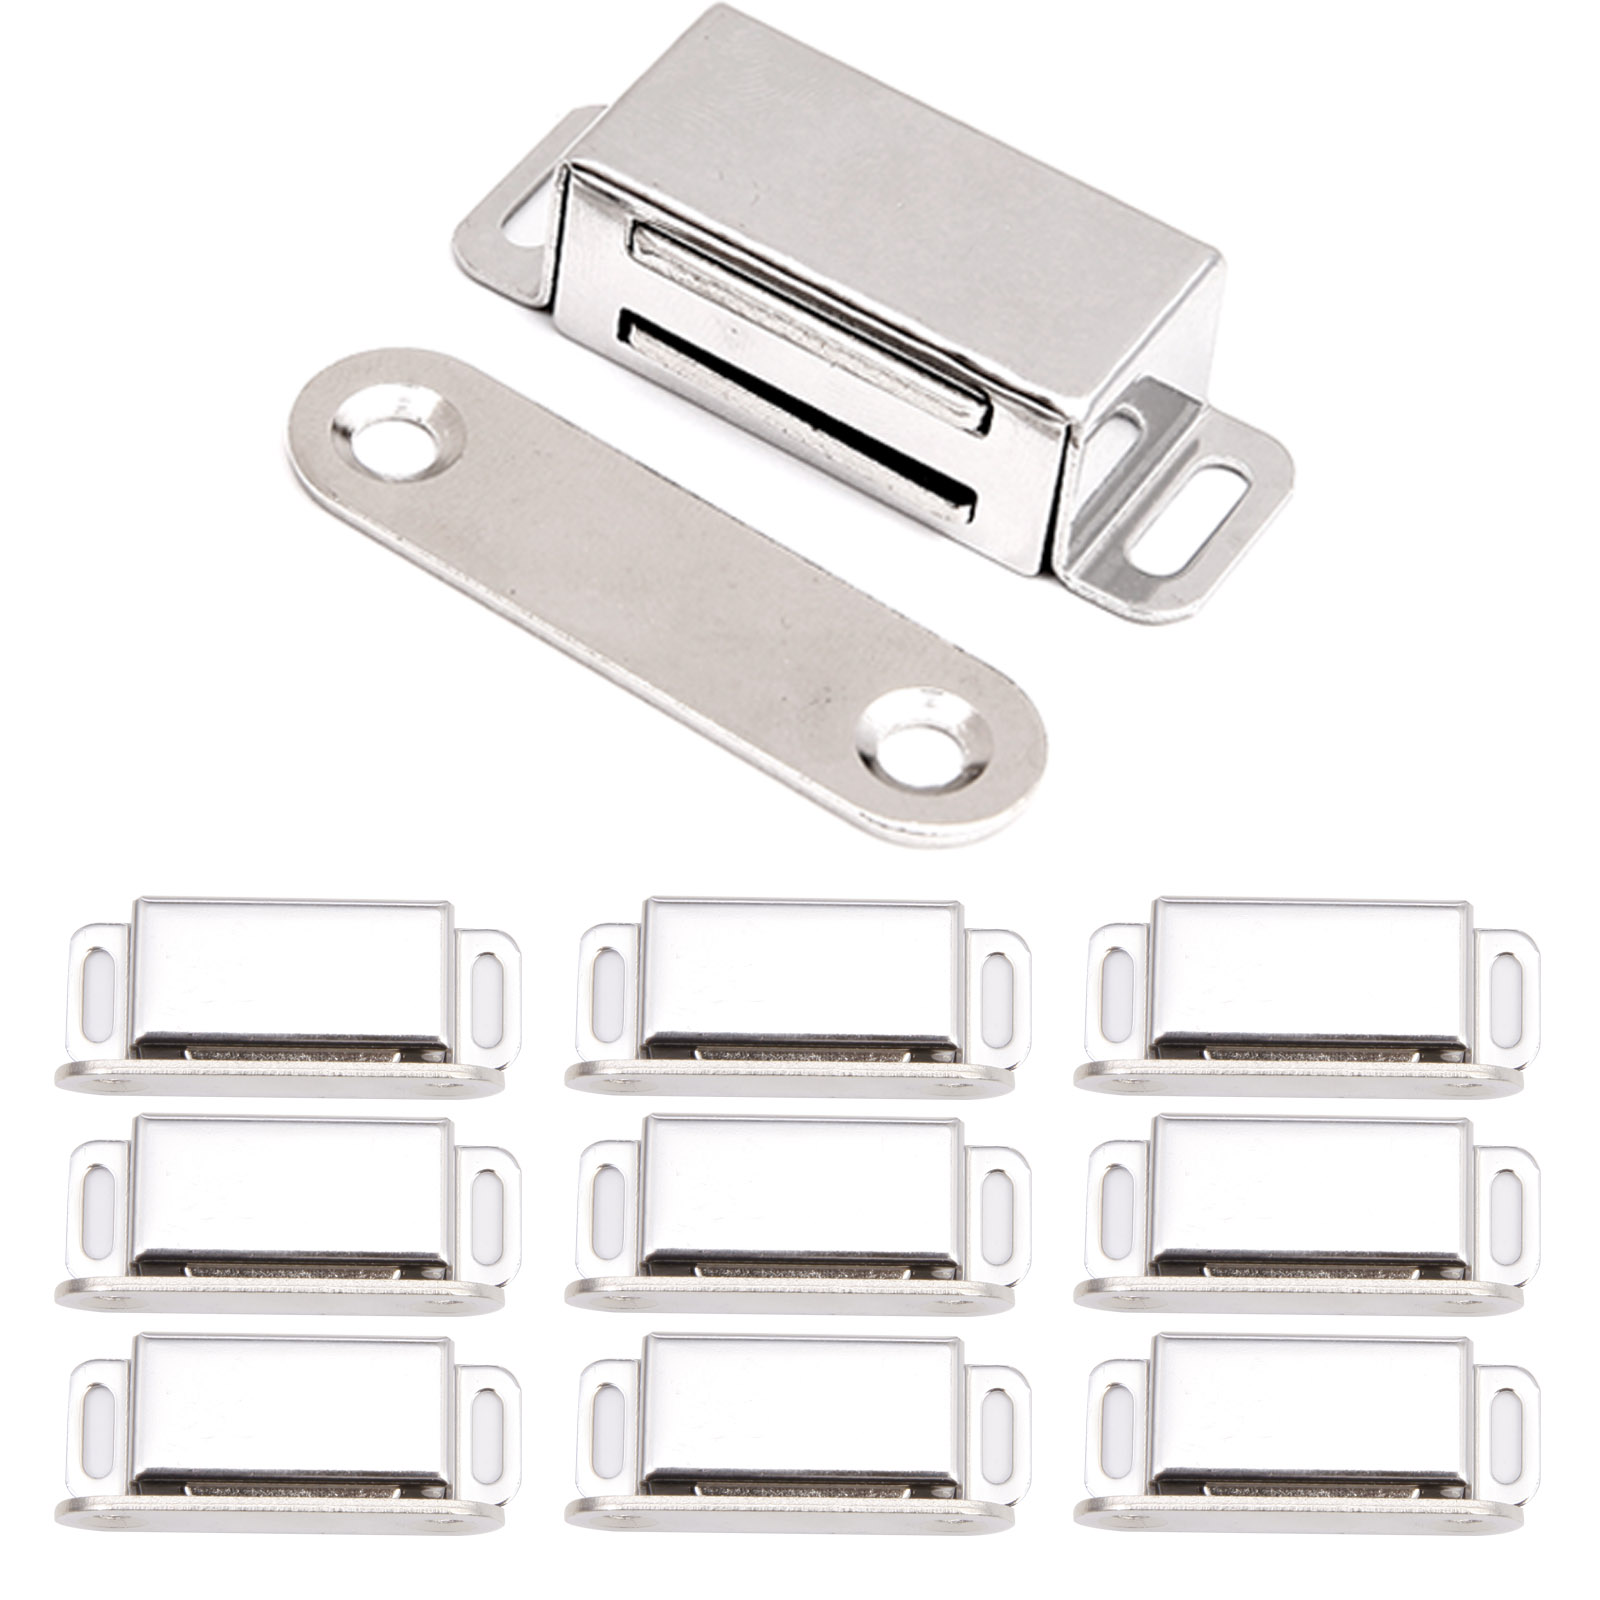 Magnetschnapper Tür Möbelmagnet eckig Türmagnet Magnetverschluss mit Gegenplatte